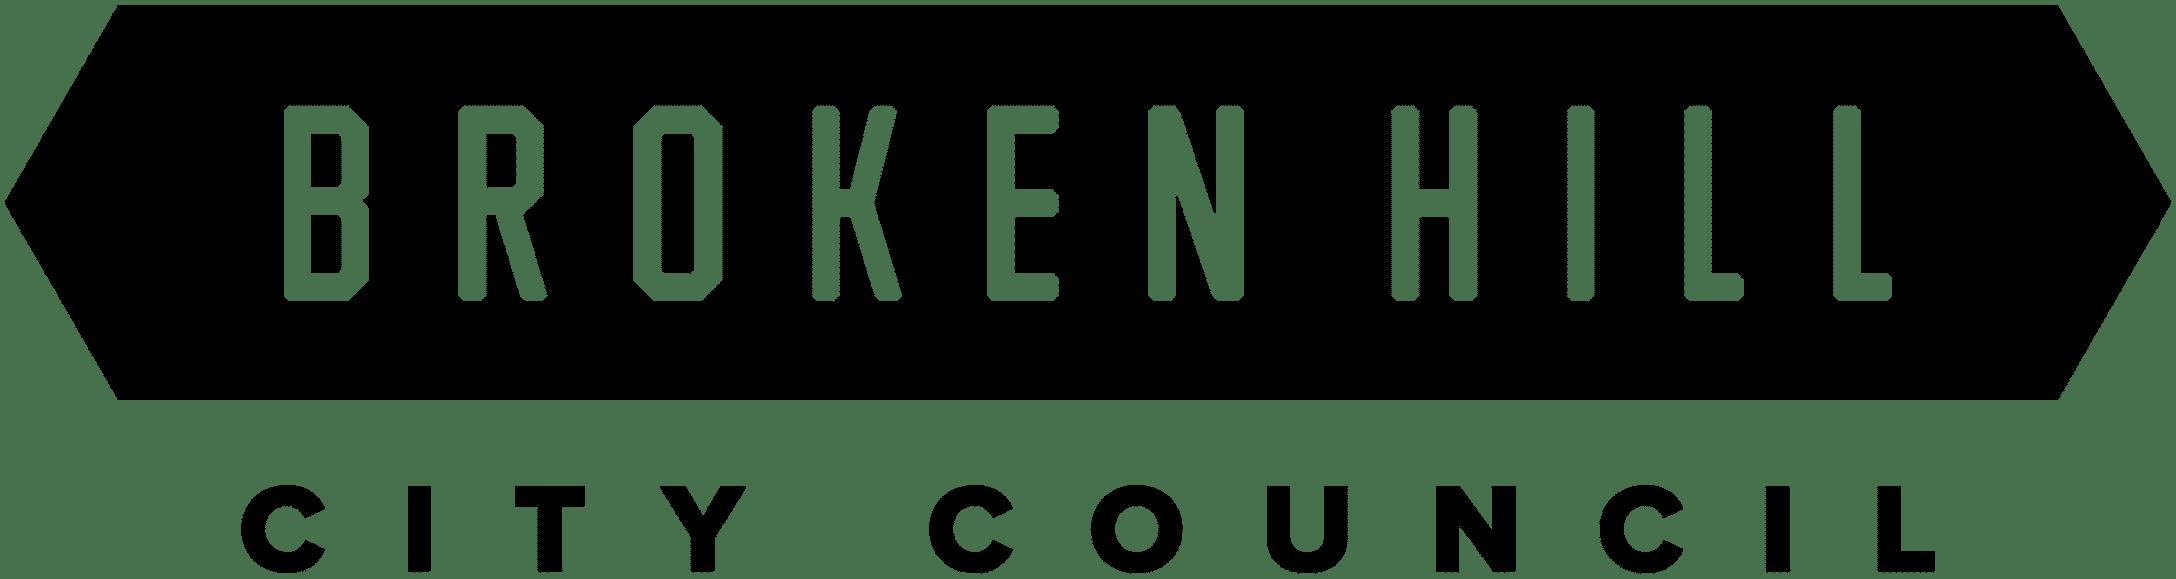 Broken Hill City Council logo